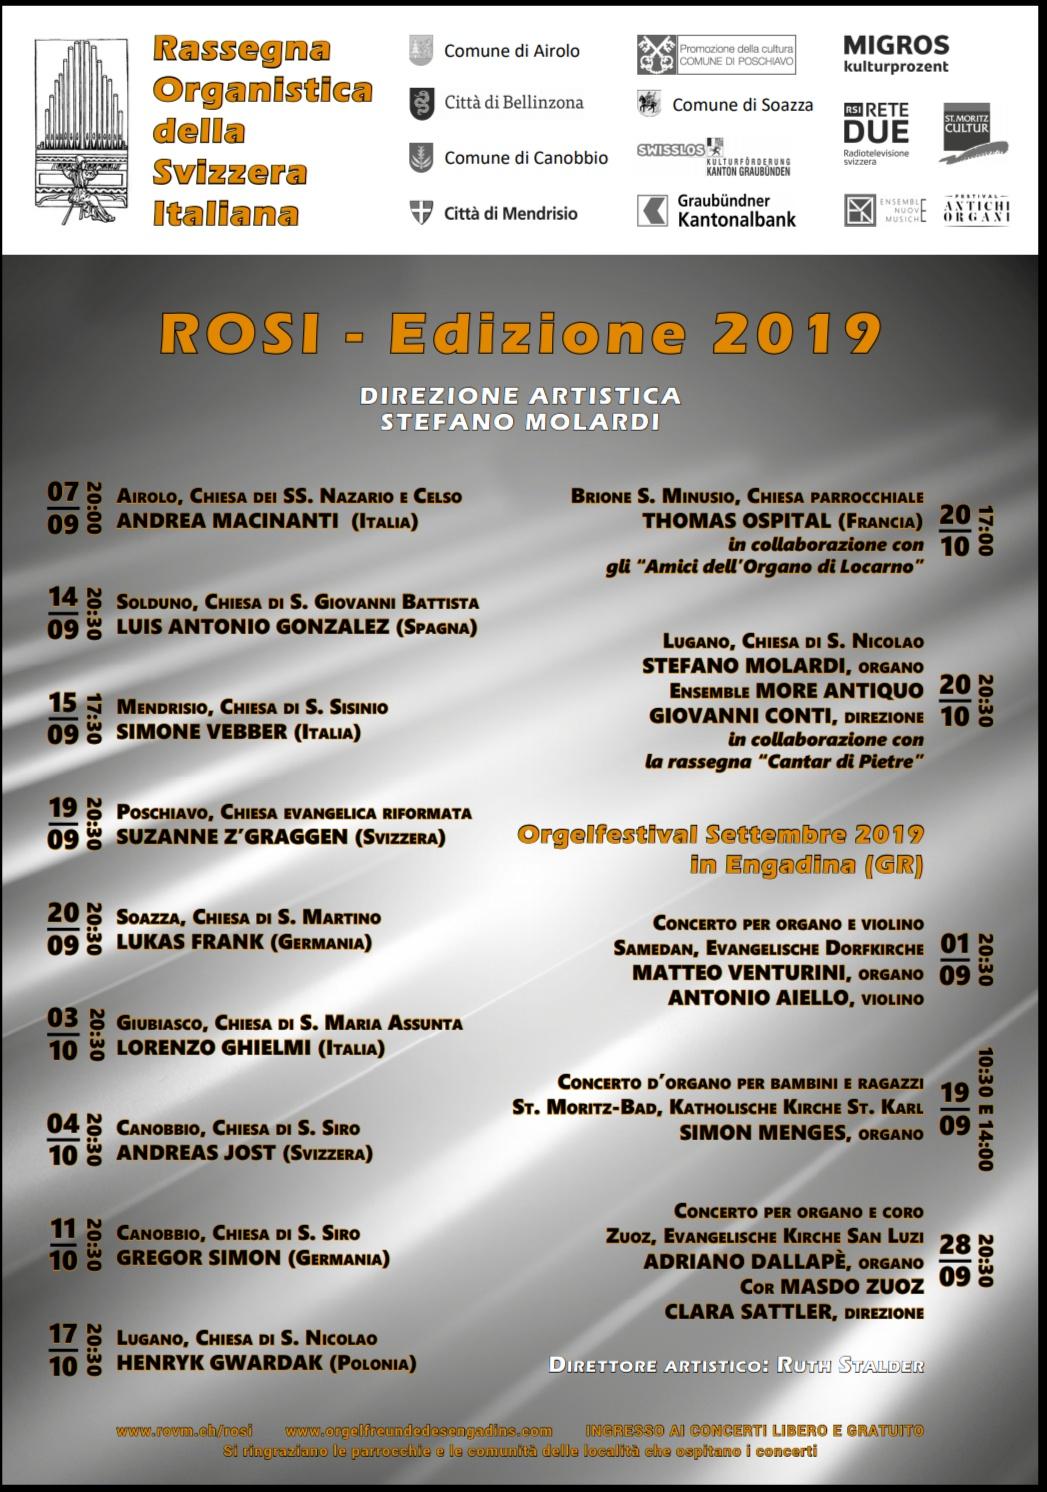 ROSI - Edizione 2019